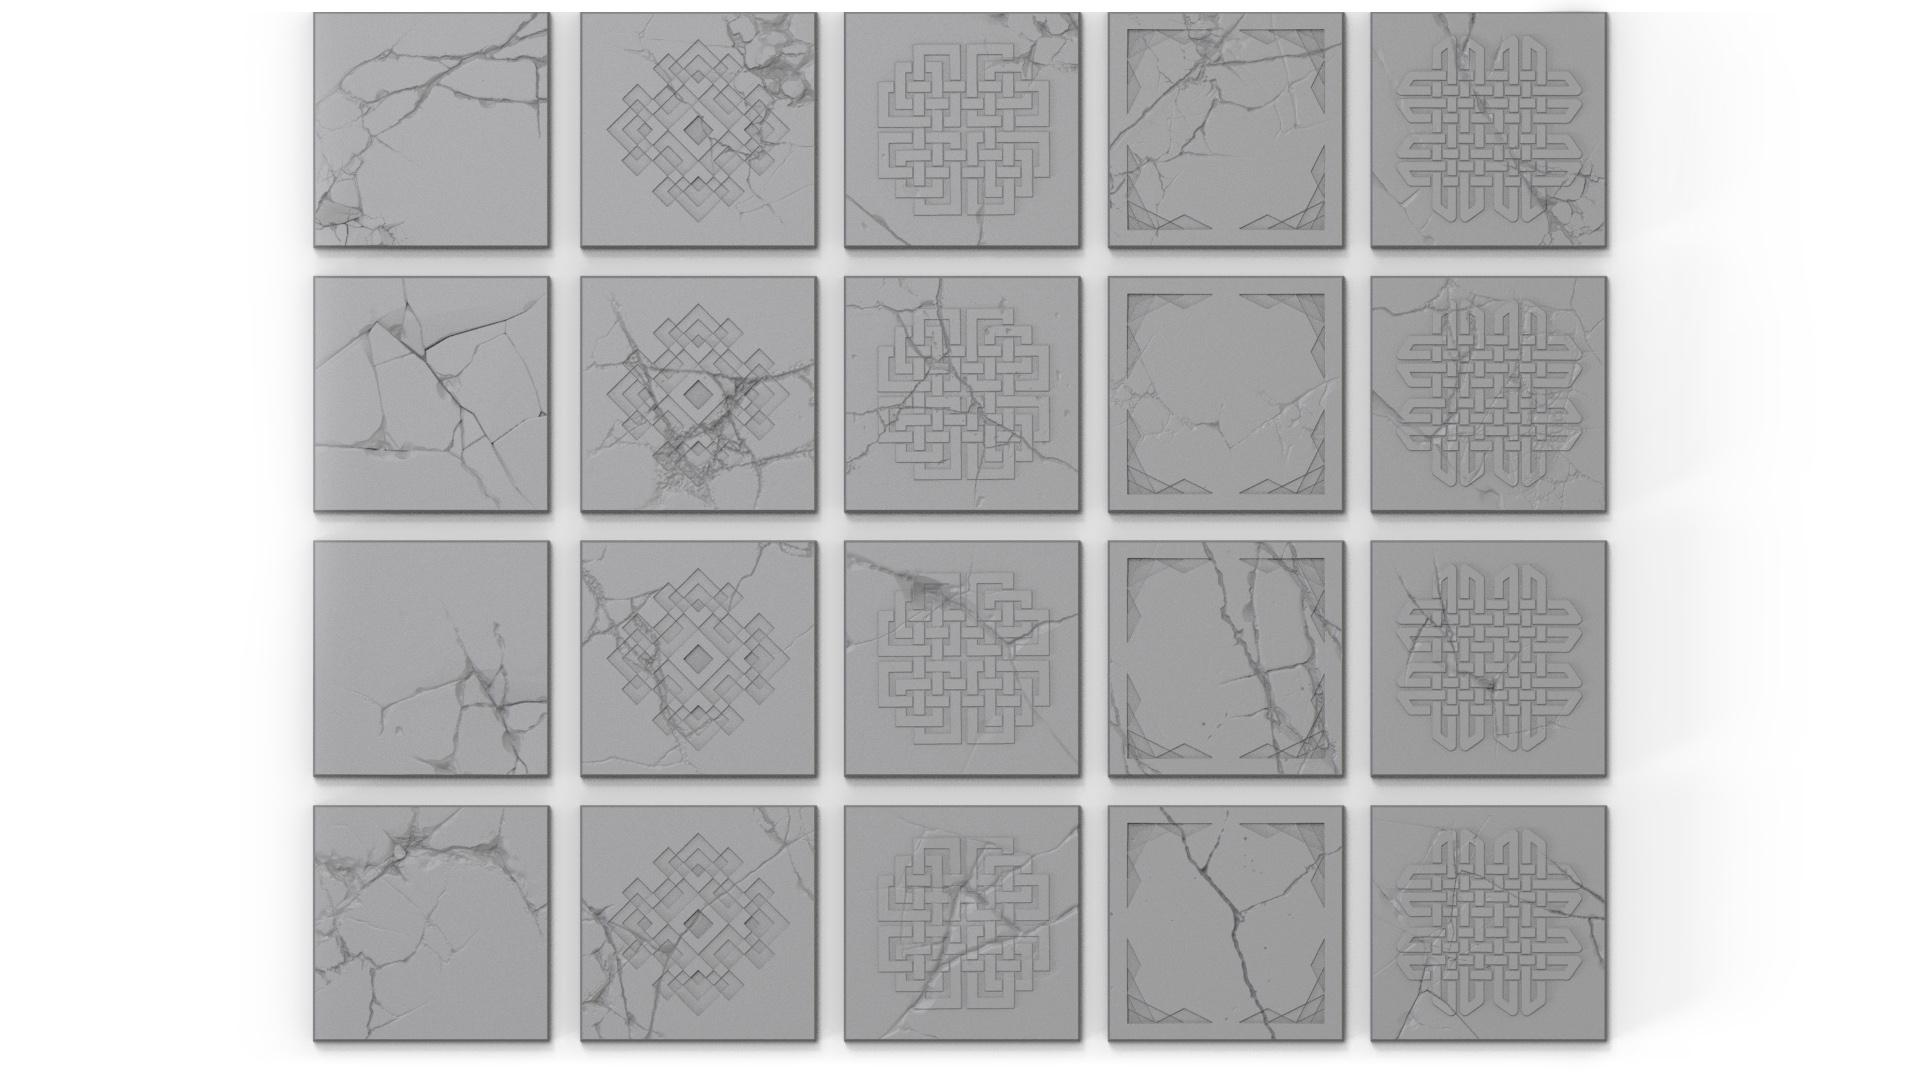 Broken_tiles.jpg